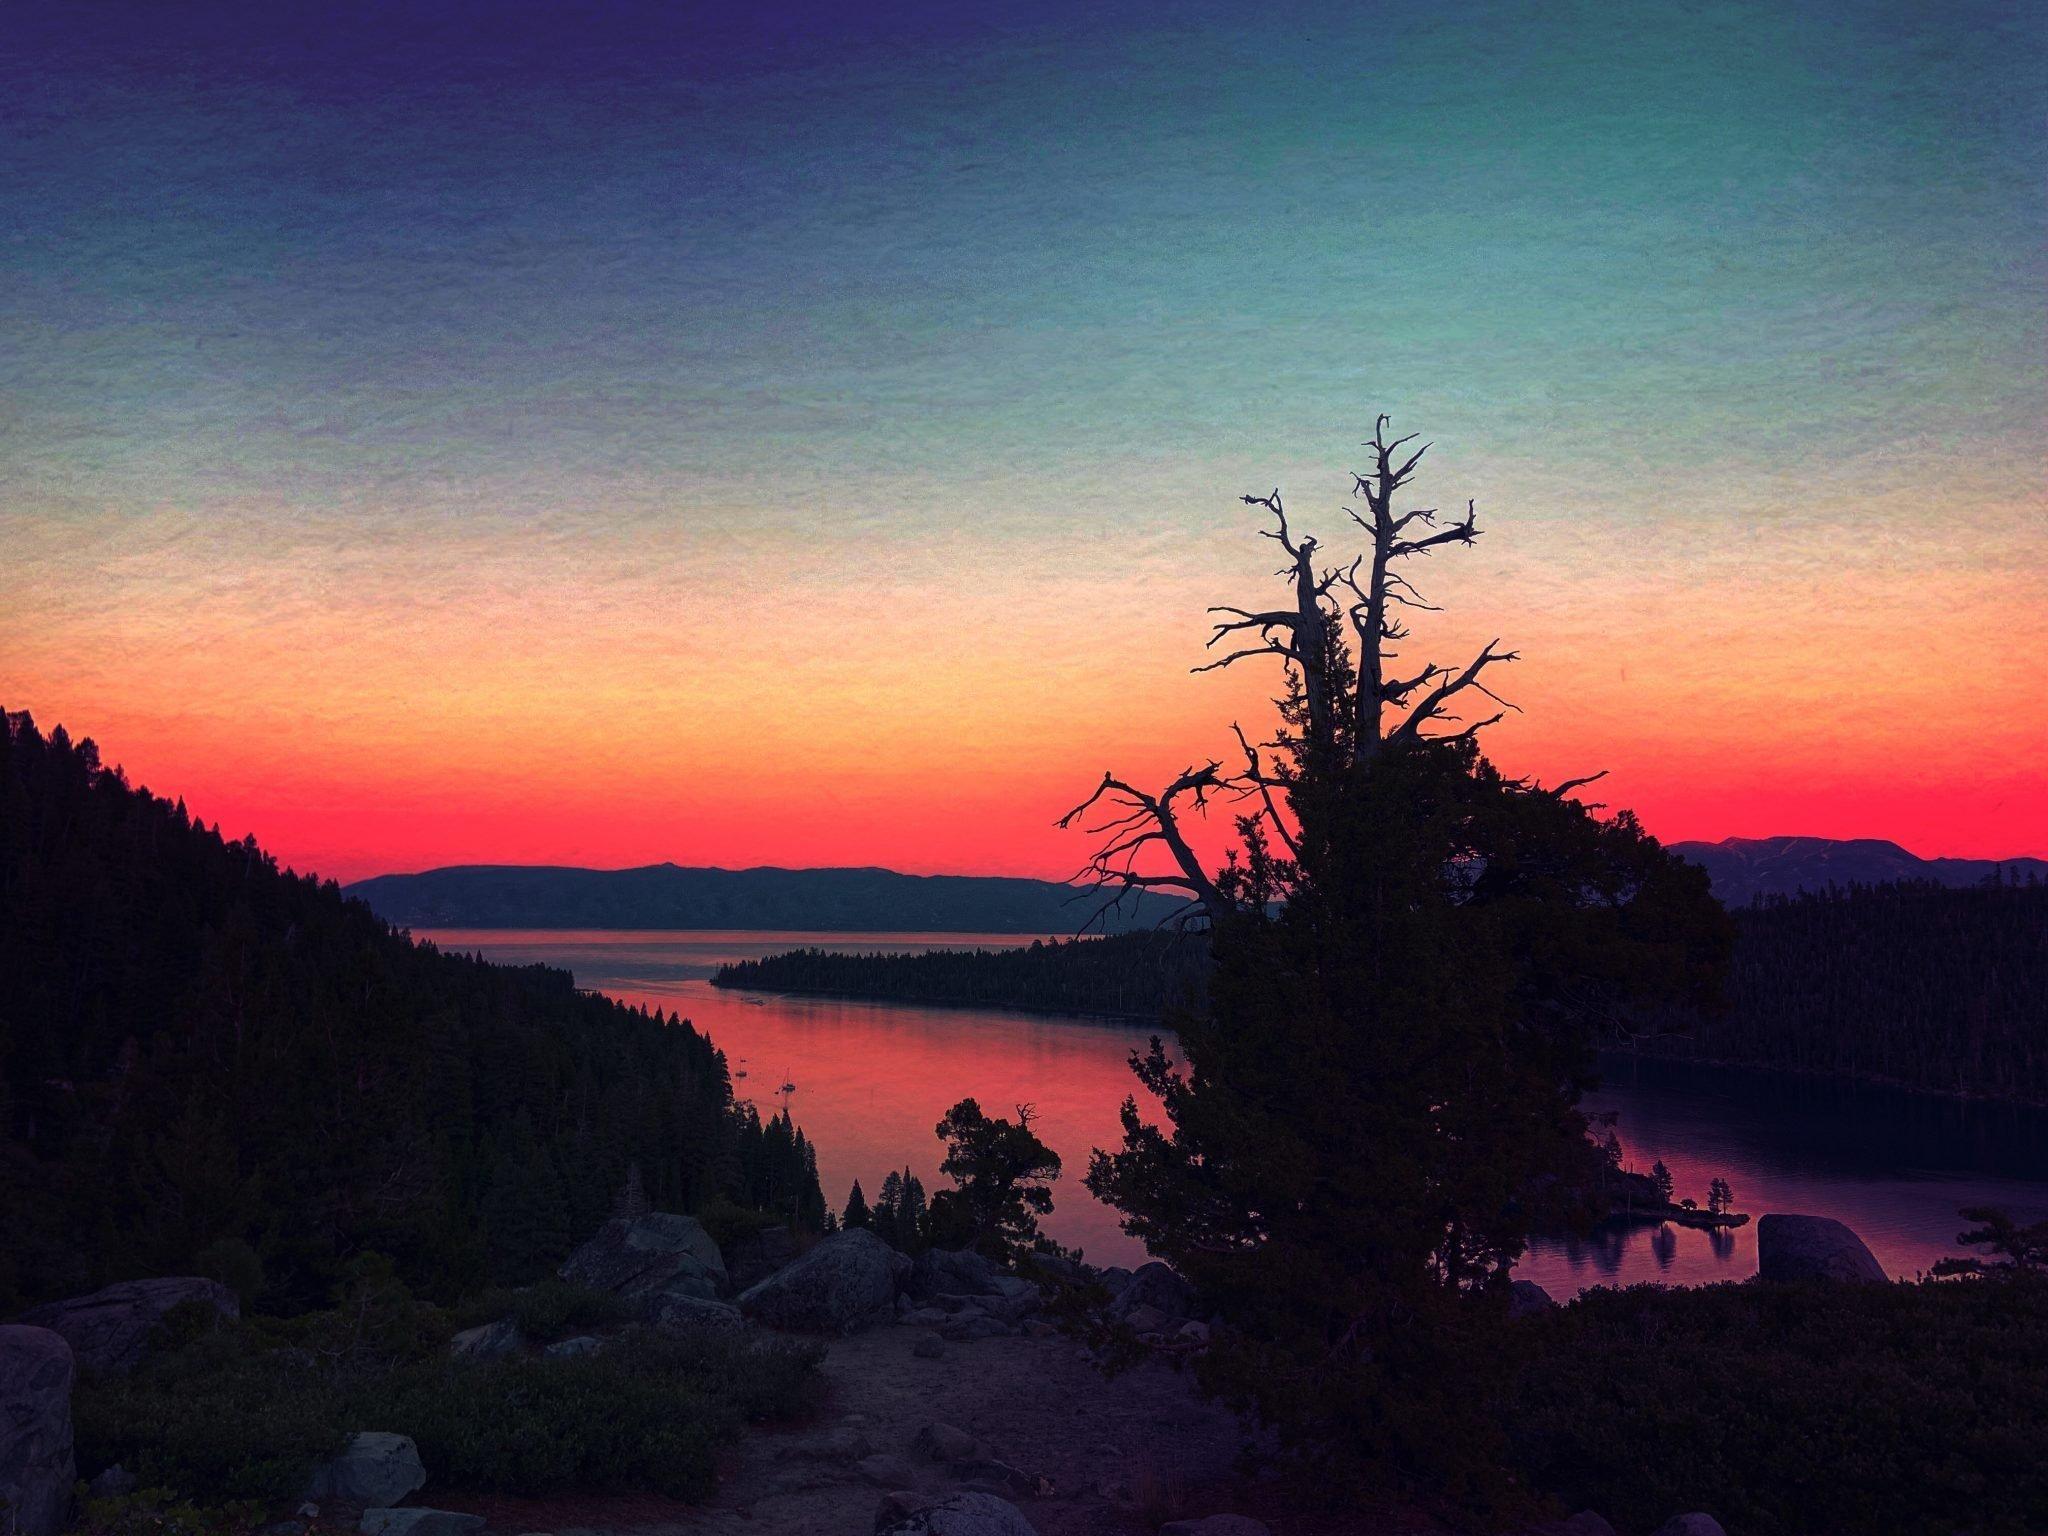 An image of Lake Tahoe at sunset.